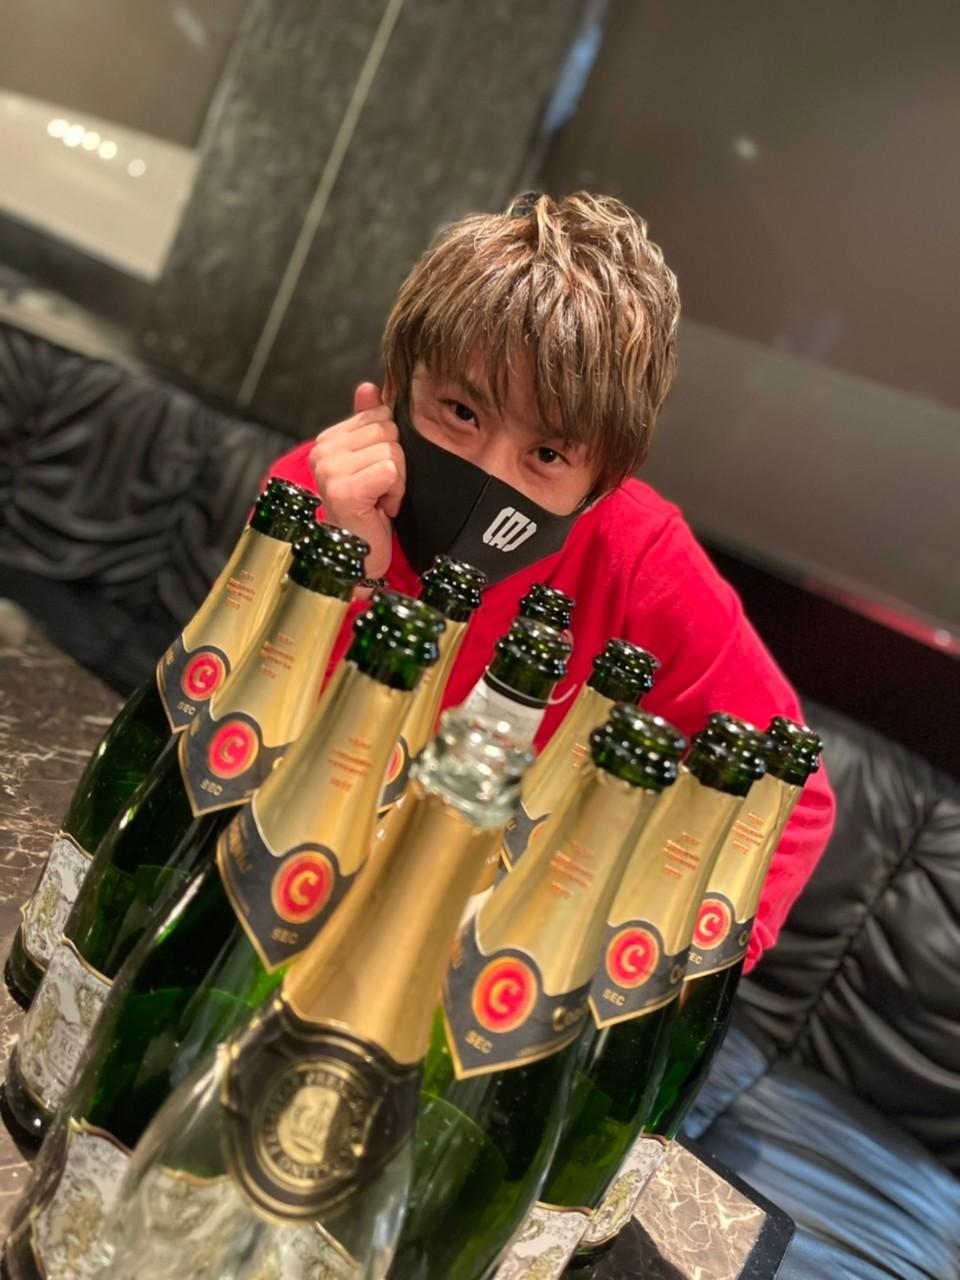 沢山のシャンパンと陽向